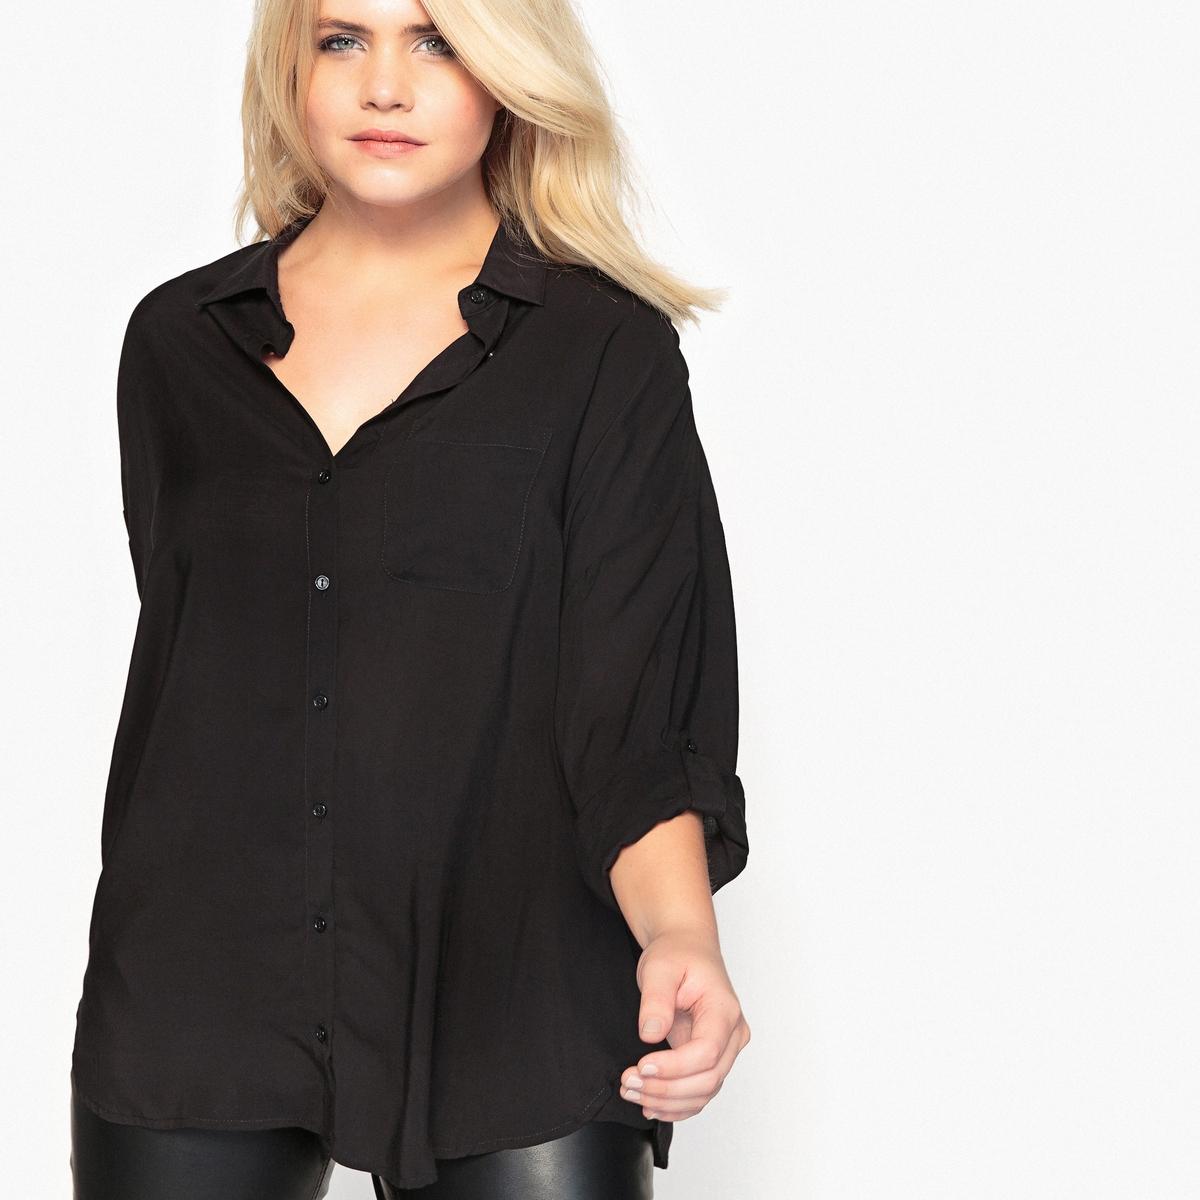 Рубашка струящаяся с закатывающимися рукавамиОписание:Вам понравится эта длинная рубашка. Идеально смотрится с леггинсами. Рубашка с длинными рукавами - базовый предмет женского гардероба.Детали •  Длинные рукава •  Прямой покрой •  Воротник-поло, рубашечныйСостав и уход •  100% вискоза •  Температура стирки 30° на деликатном режиме •  Сухая чистка и отбеливание запрещены •  Не использовать барабанную сушку •  Низкая температура глажкиТовар из коллекции больших размеров •  Длина : 77,8 см<br><br>Цвет: вишневый,слоновая кость<br>Размер: 62 (FR) - 68 (RUS).58 (FR) - 64 (RUS).56 (FR) - 62 (RUS).54 (FR) - 60 (RUS).52 (FR) - 58 (RUS).50 (FR) - 56 (RUS).48 (FR) - 54 (RUS).60 (FR) - 66 (RUS)